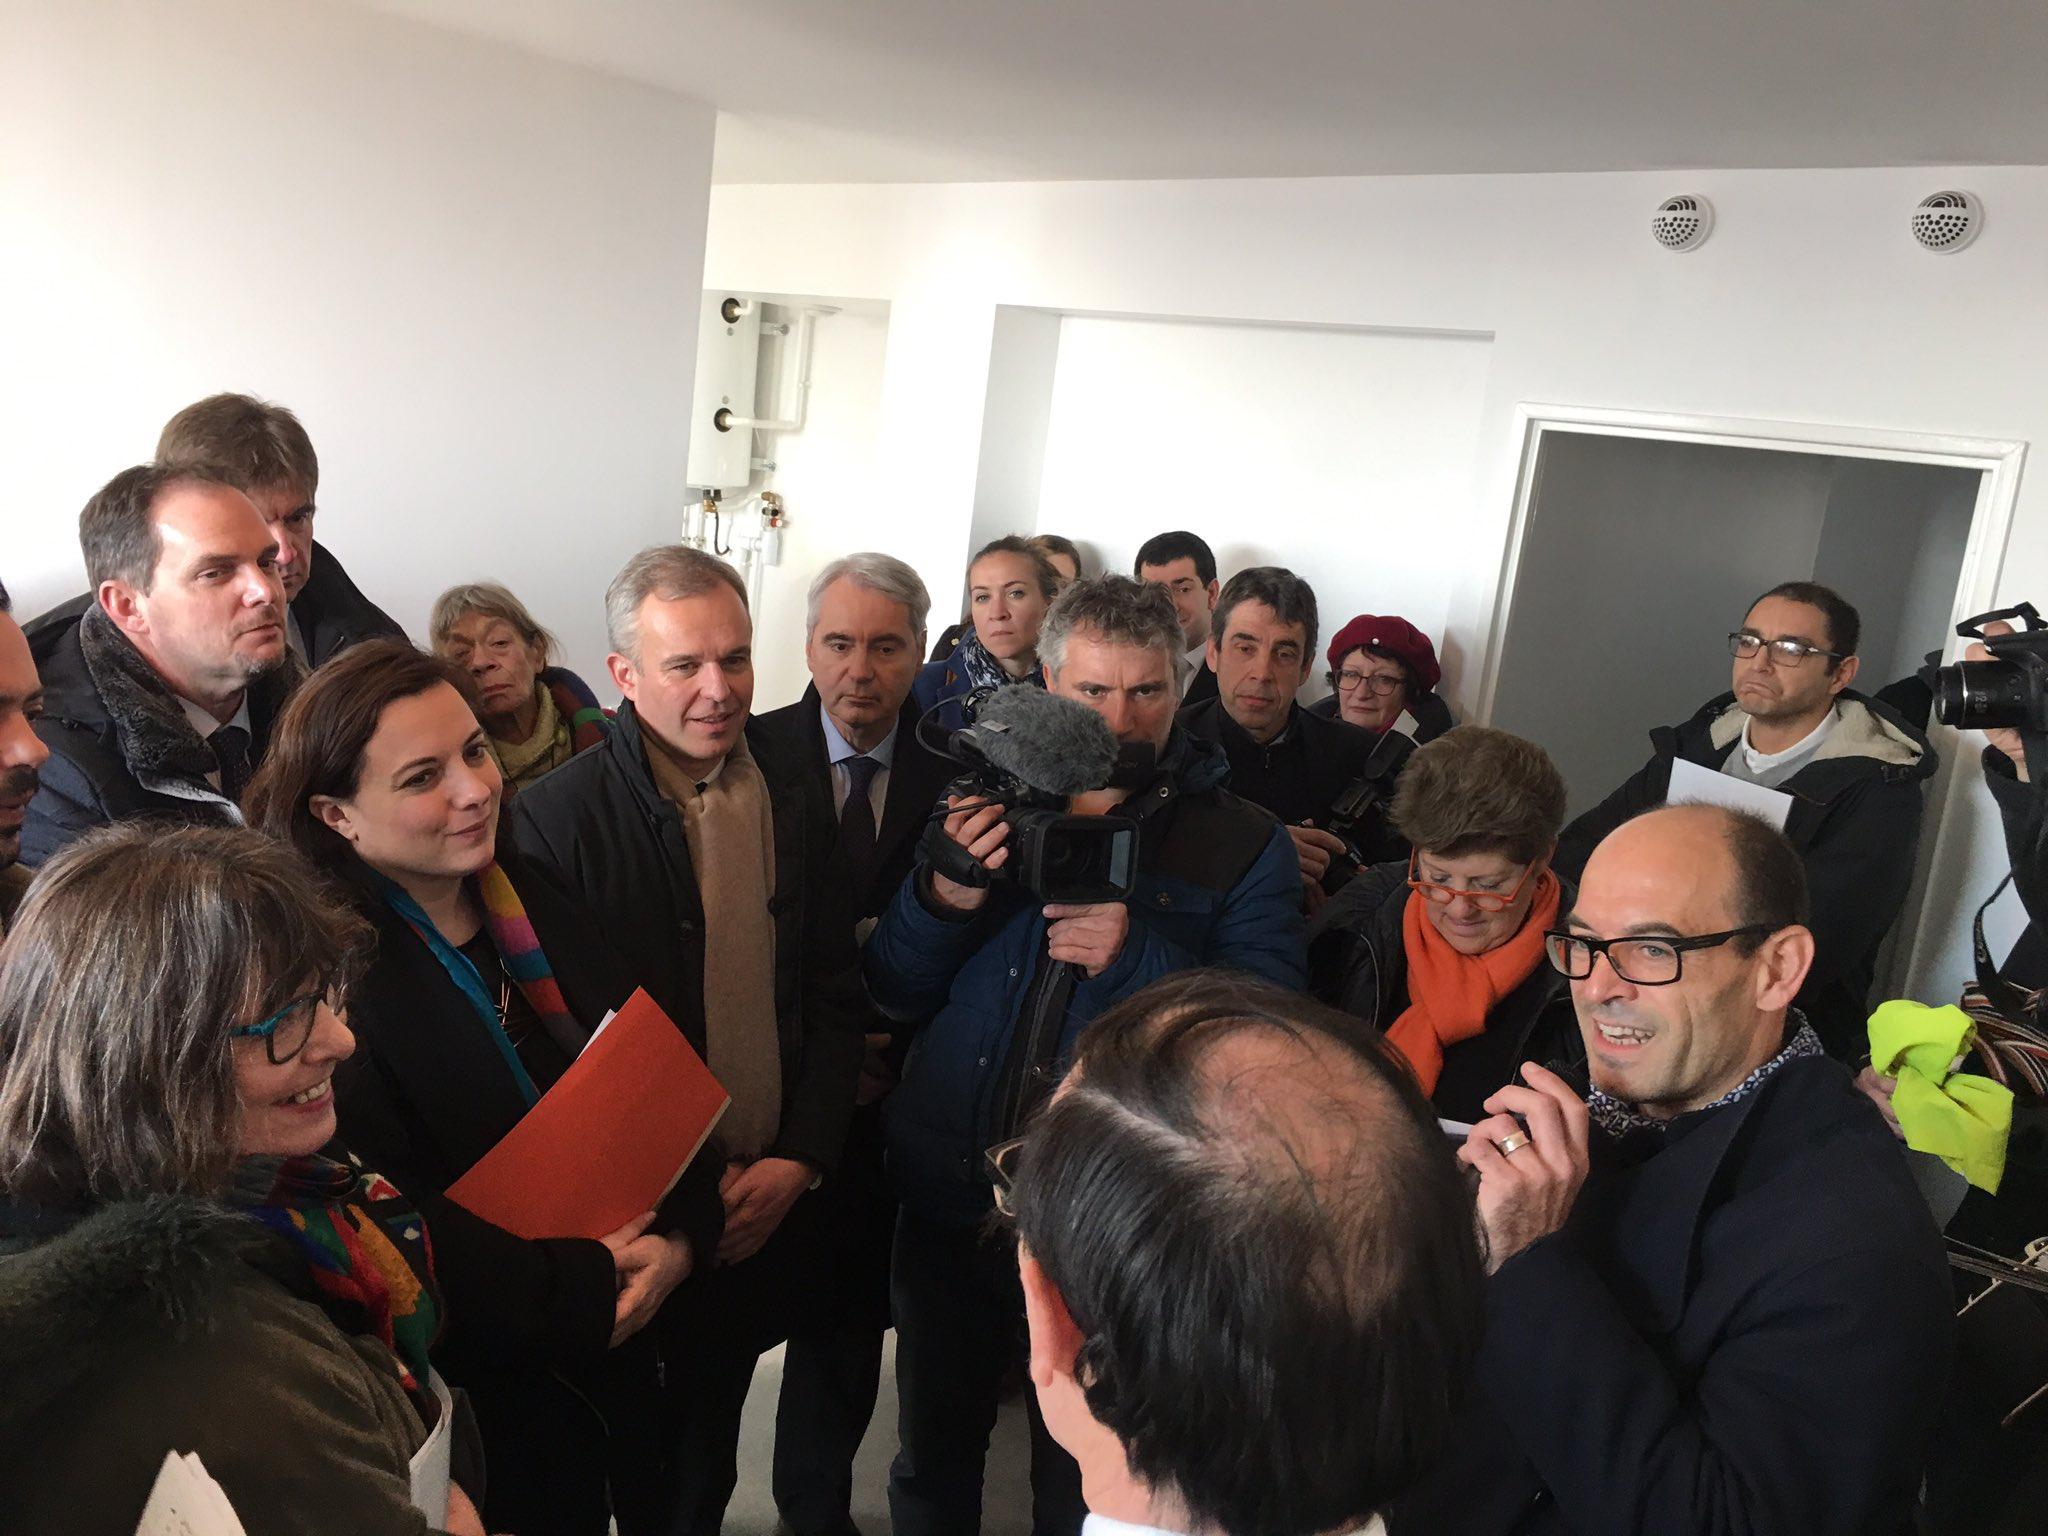 Le logement peut être écolo ET social : Energie passive, façade bois, ... pour le parc social ! #LEcologiePourTous @montreuil @emmacosse https://t.co/csGjKBJwv4